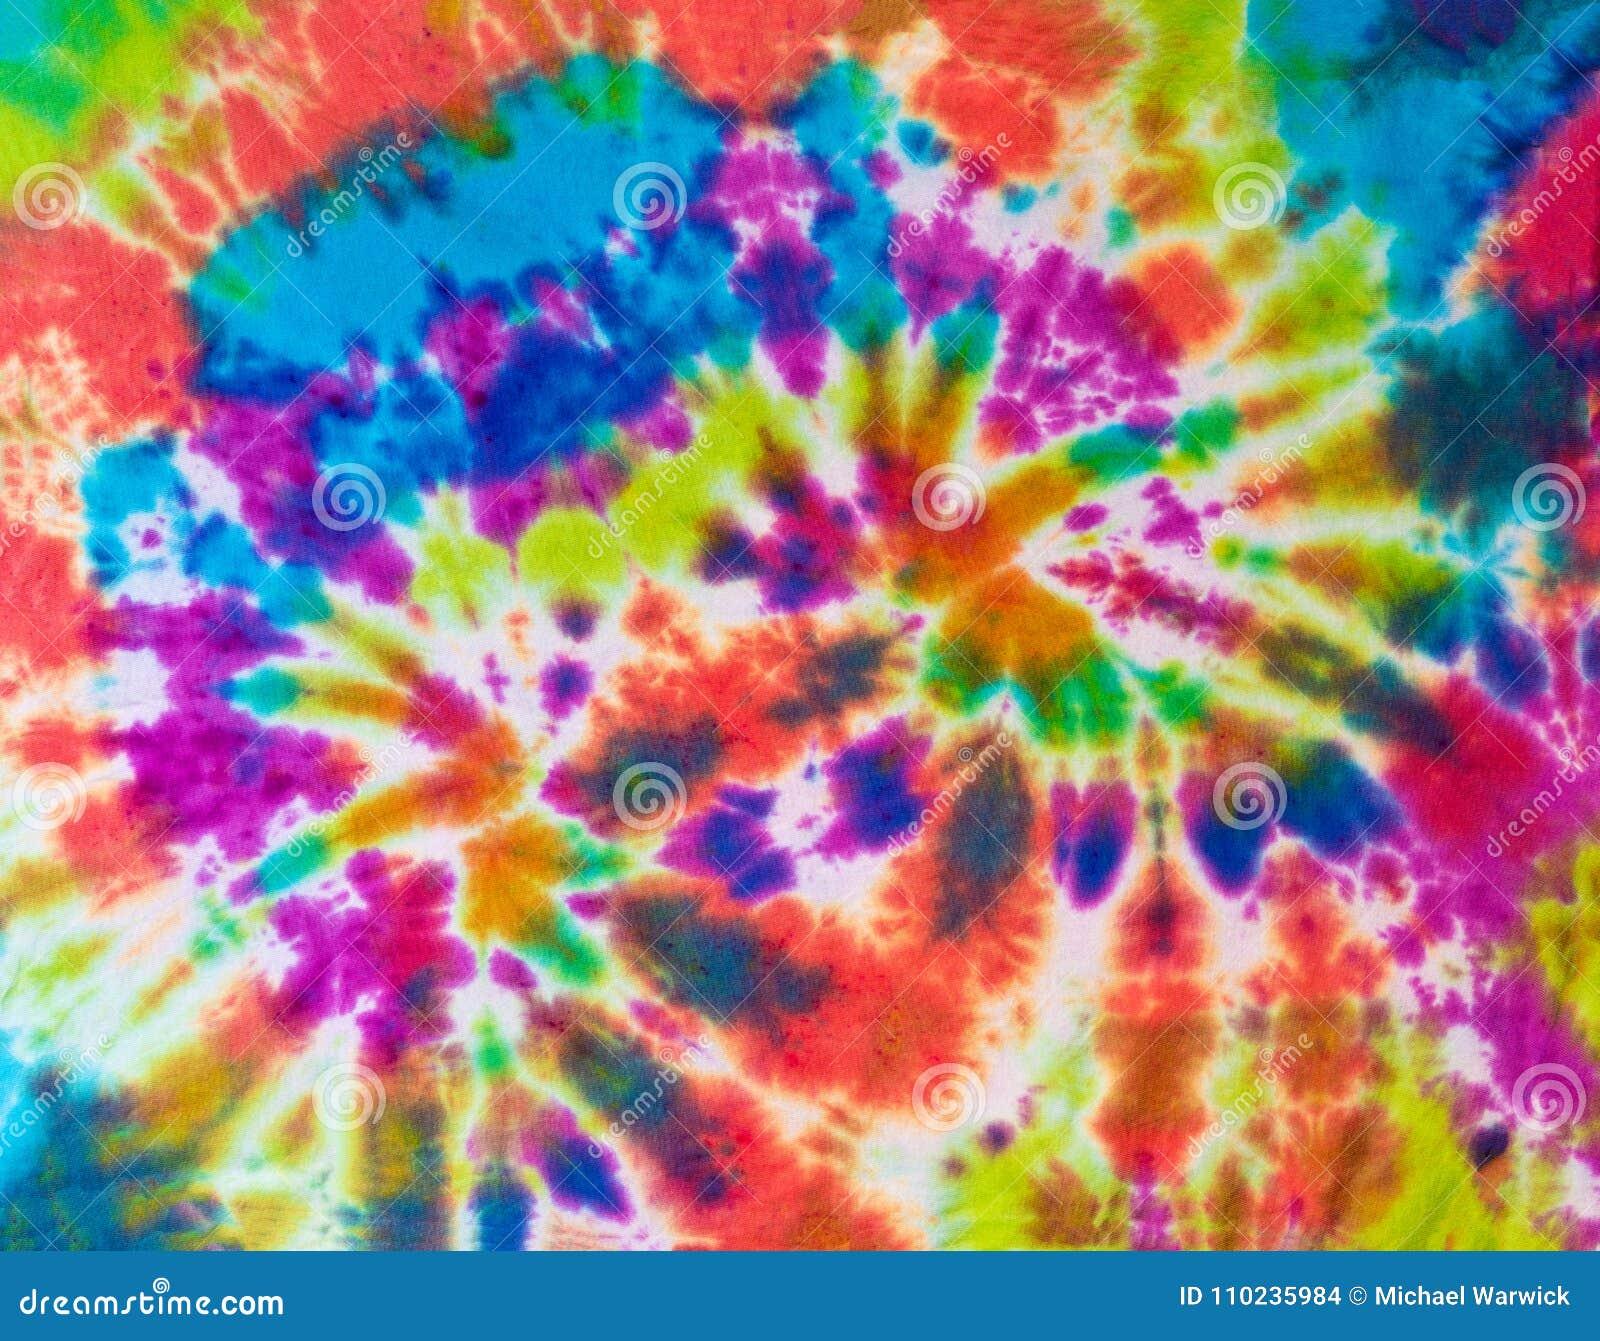 Ζωηρόχρωμο αφηρημένο σχέδιο σχεδίων χρωστικών ουσιών δεσμών στα πολλαπλάσια χρώματα